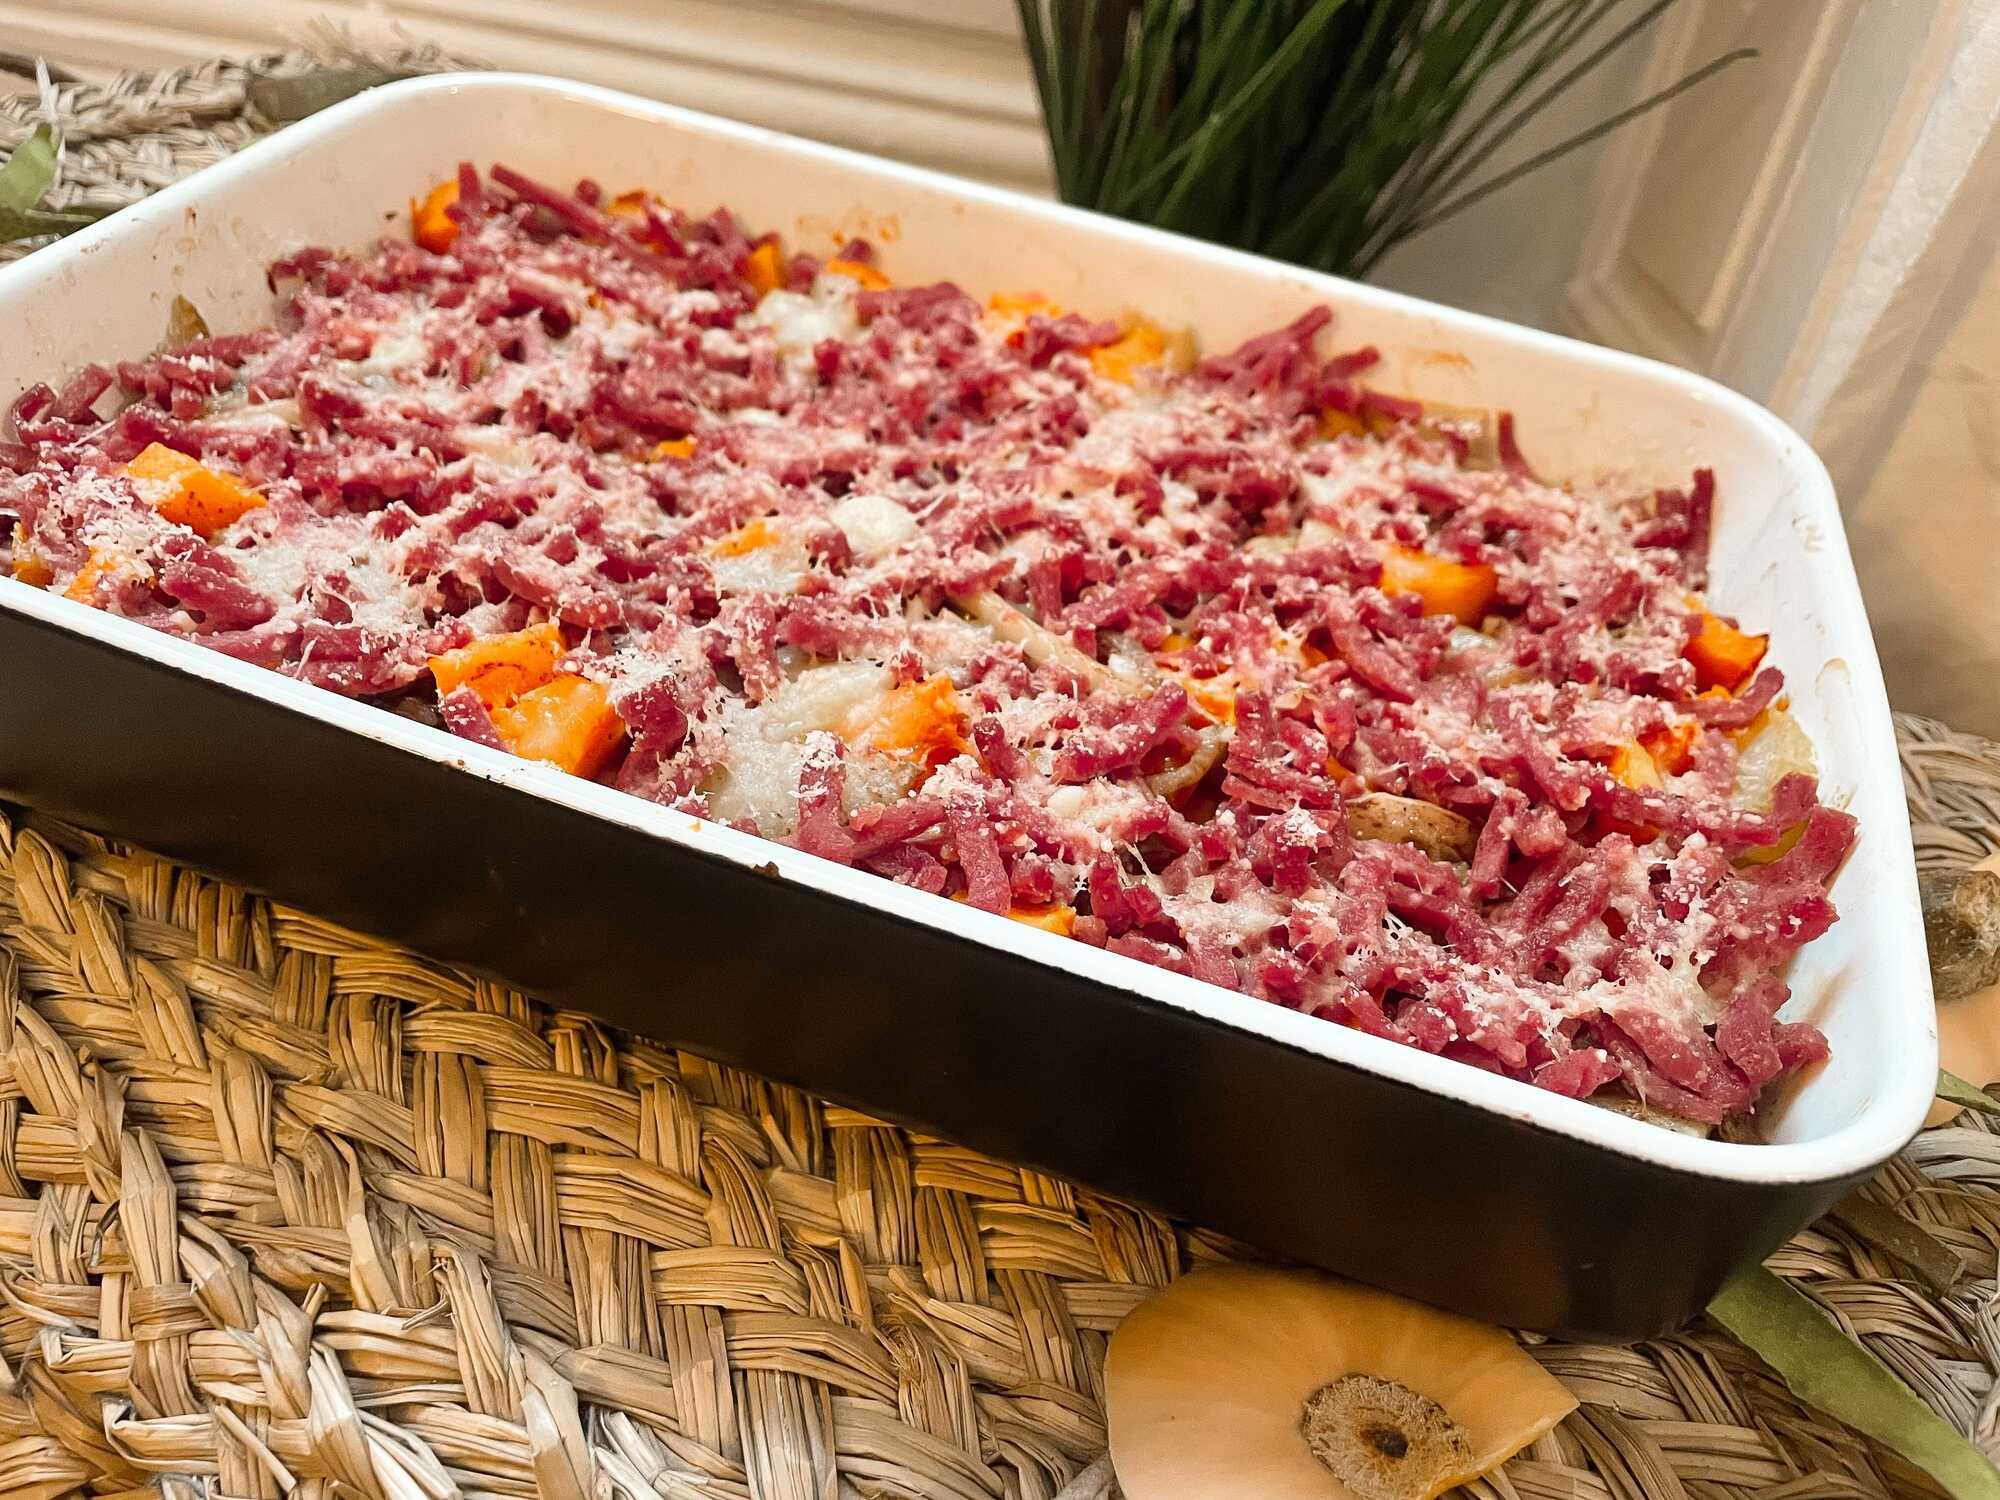 Sur un dessous de plat en raphia se trouve un plat à gratin contenant les allumettes de bacon, la courge butternut et le fromage gratiné.